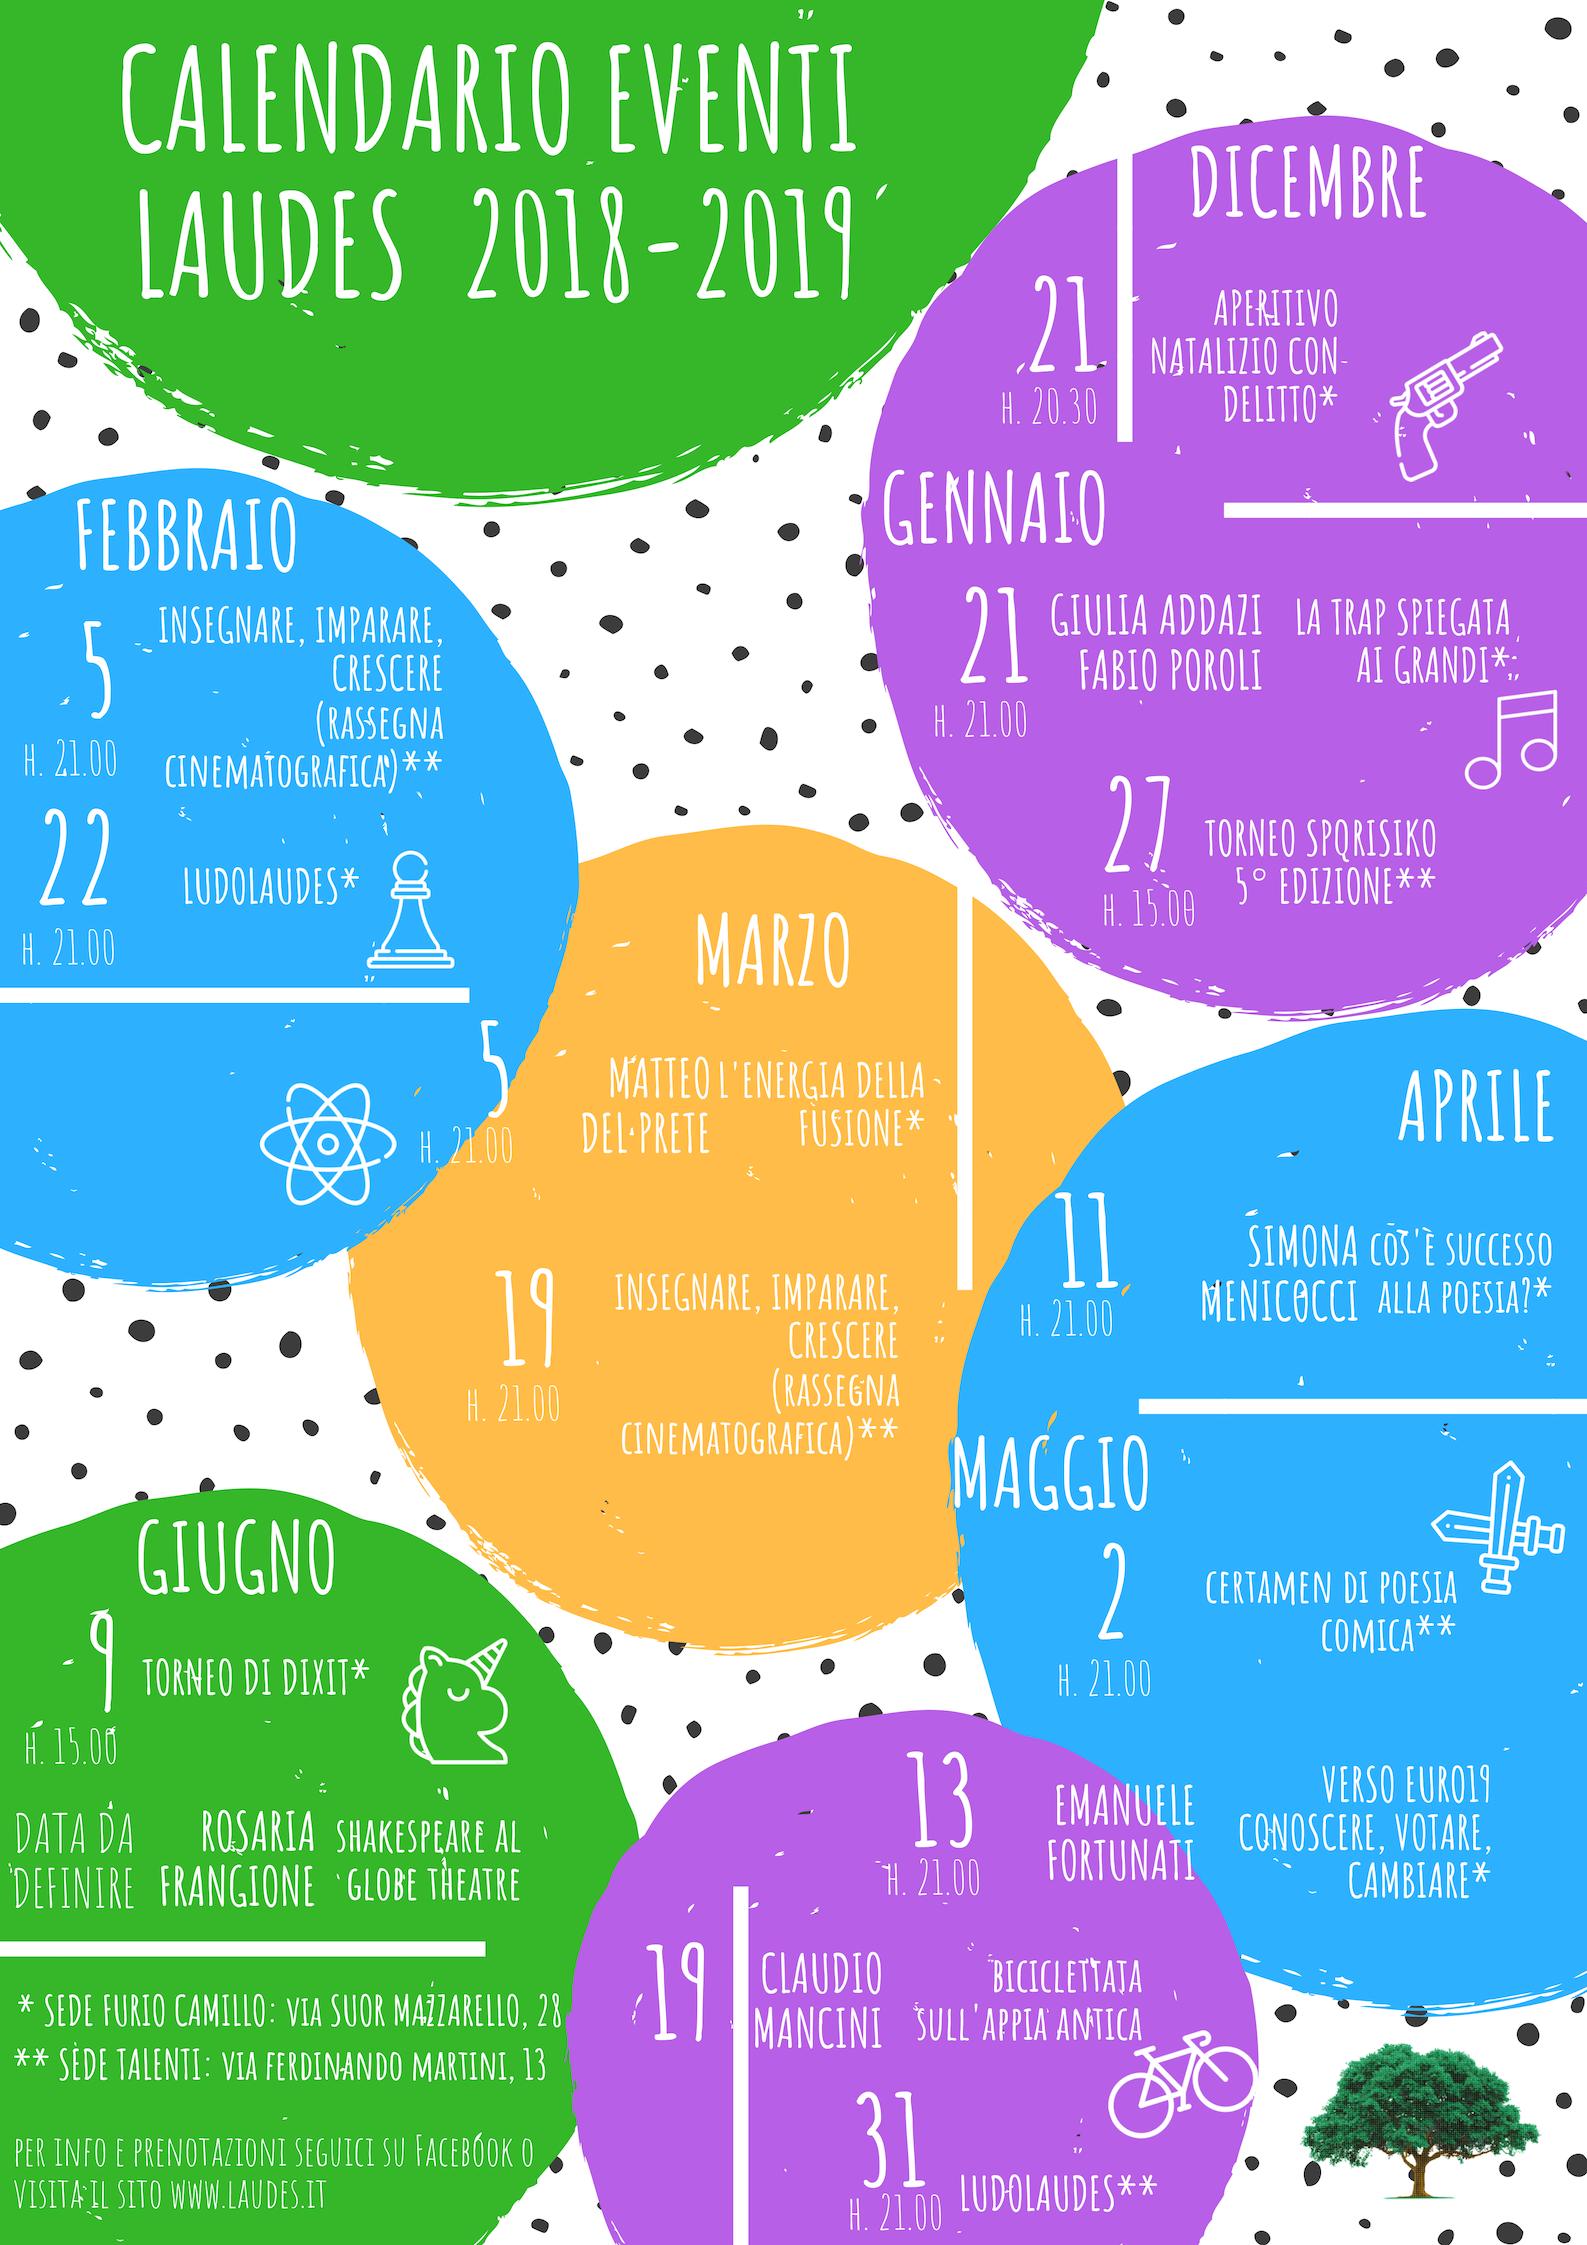 Il calendario delle attività di Laudes